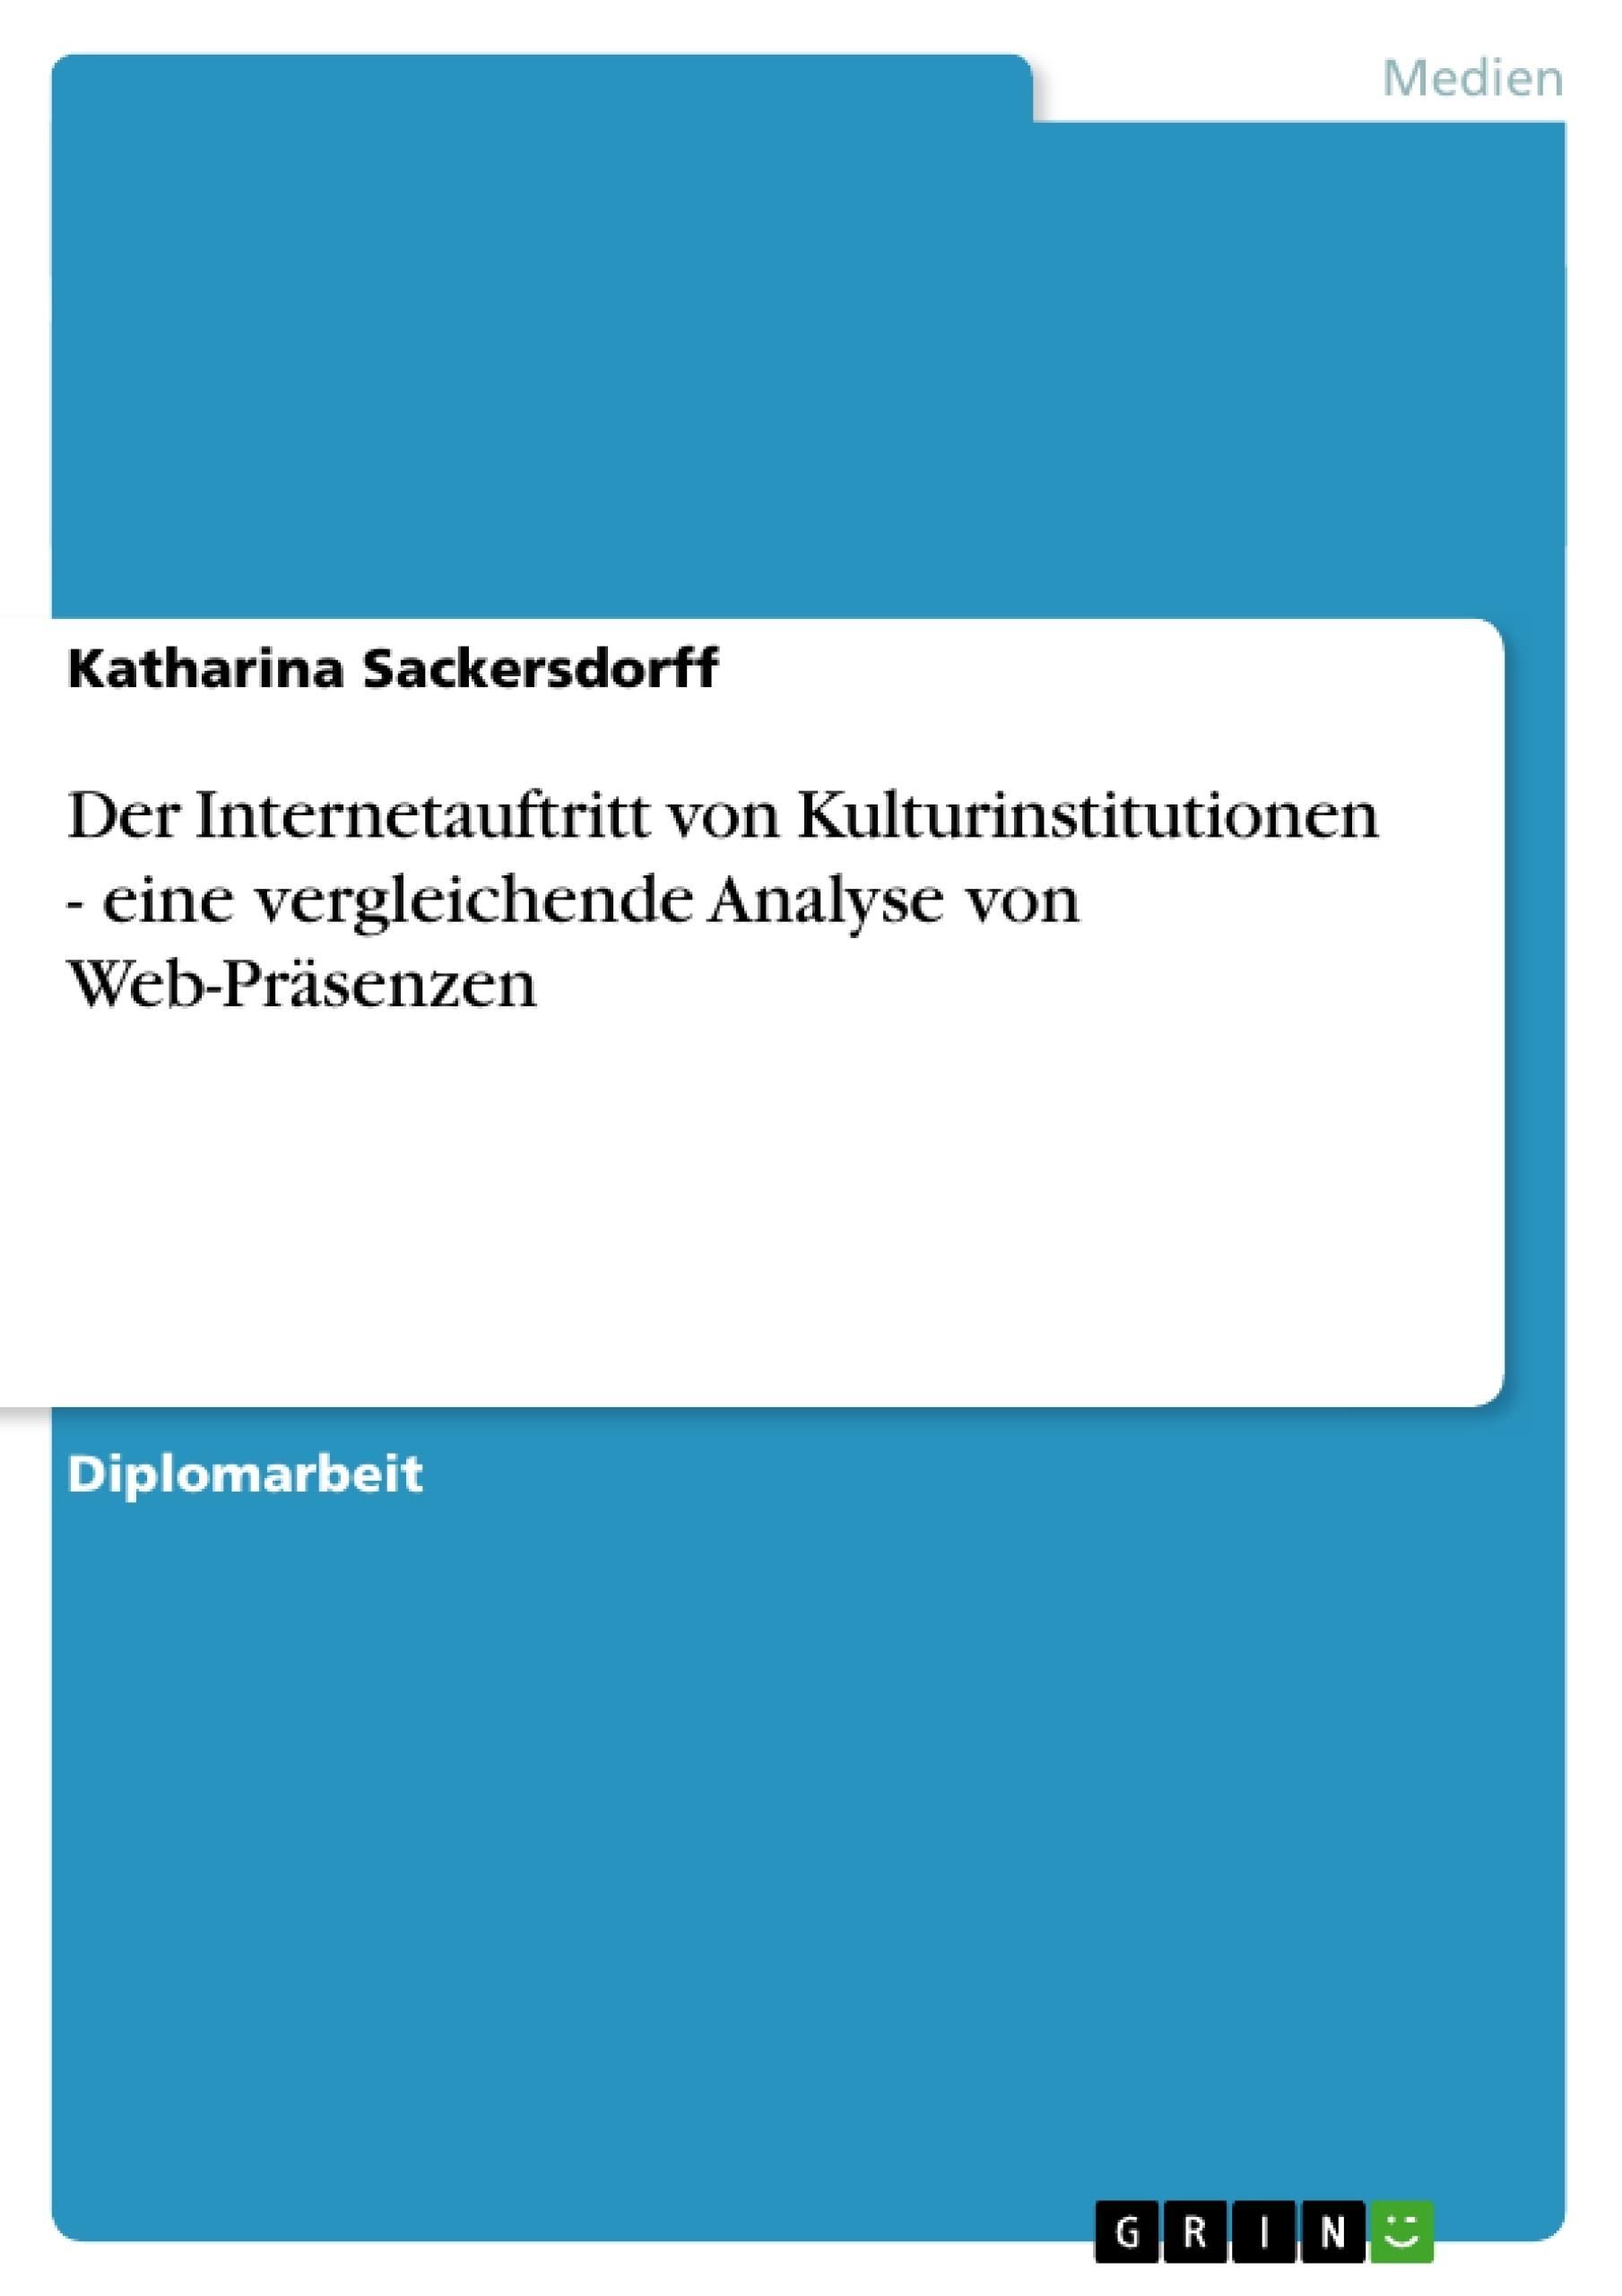 Titel: Der Internetauftritt von Kulturinstitutionen - eine vergleichende Analyse von Web-Präsenzen